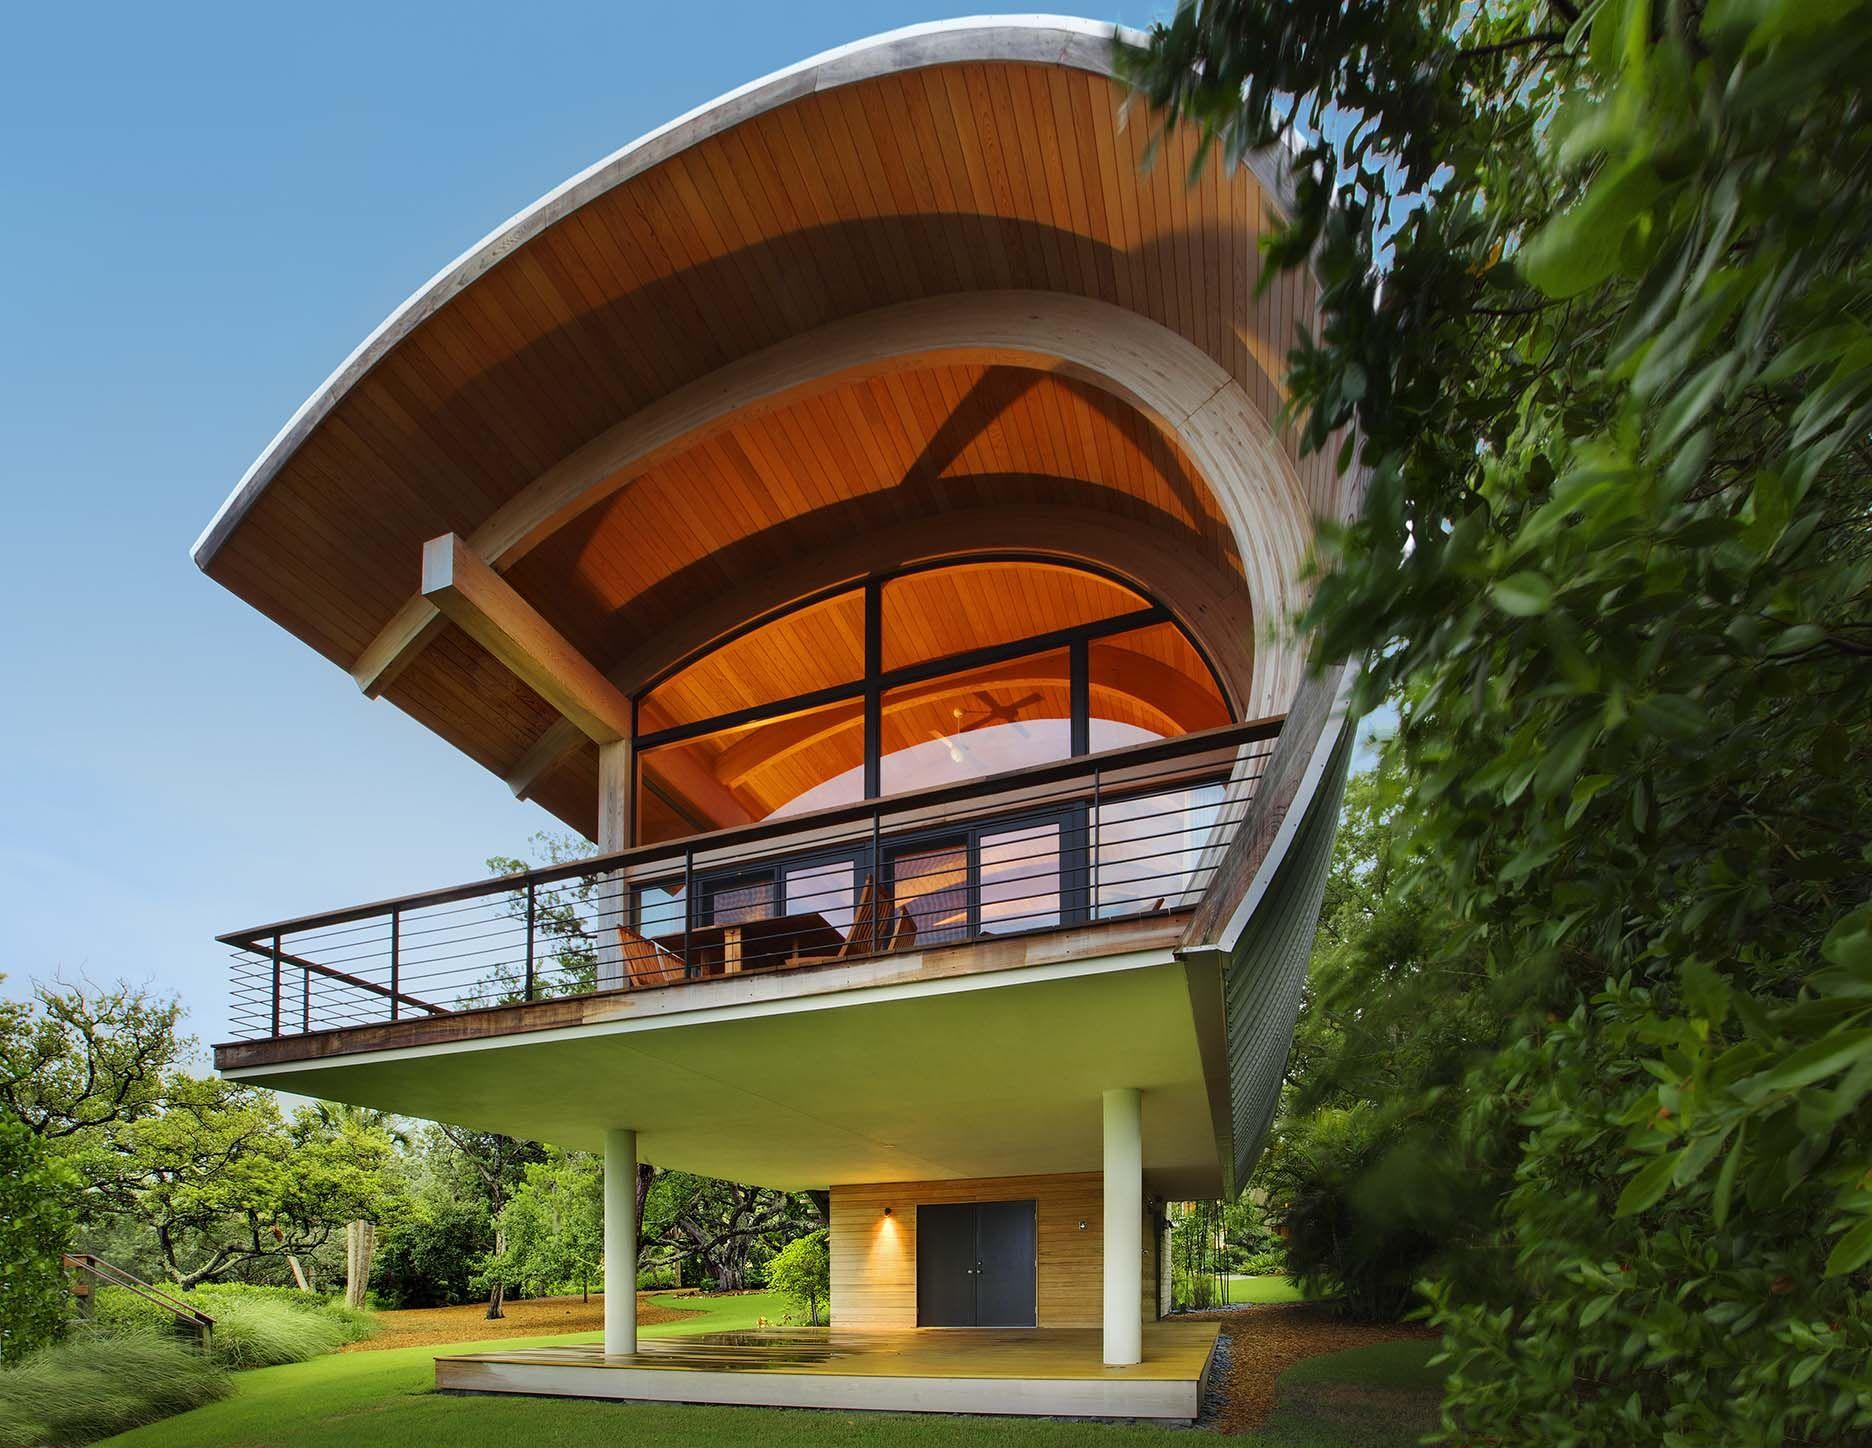 25 Unique Architectural Home Design Ideas Design Design Modern